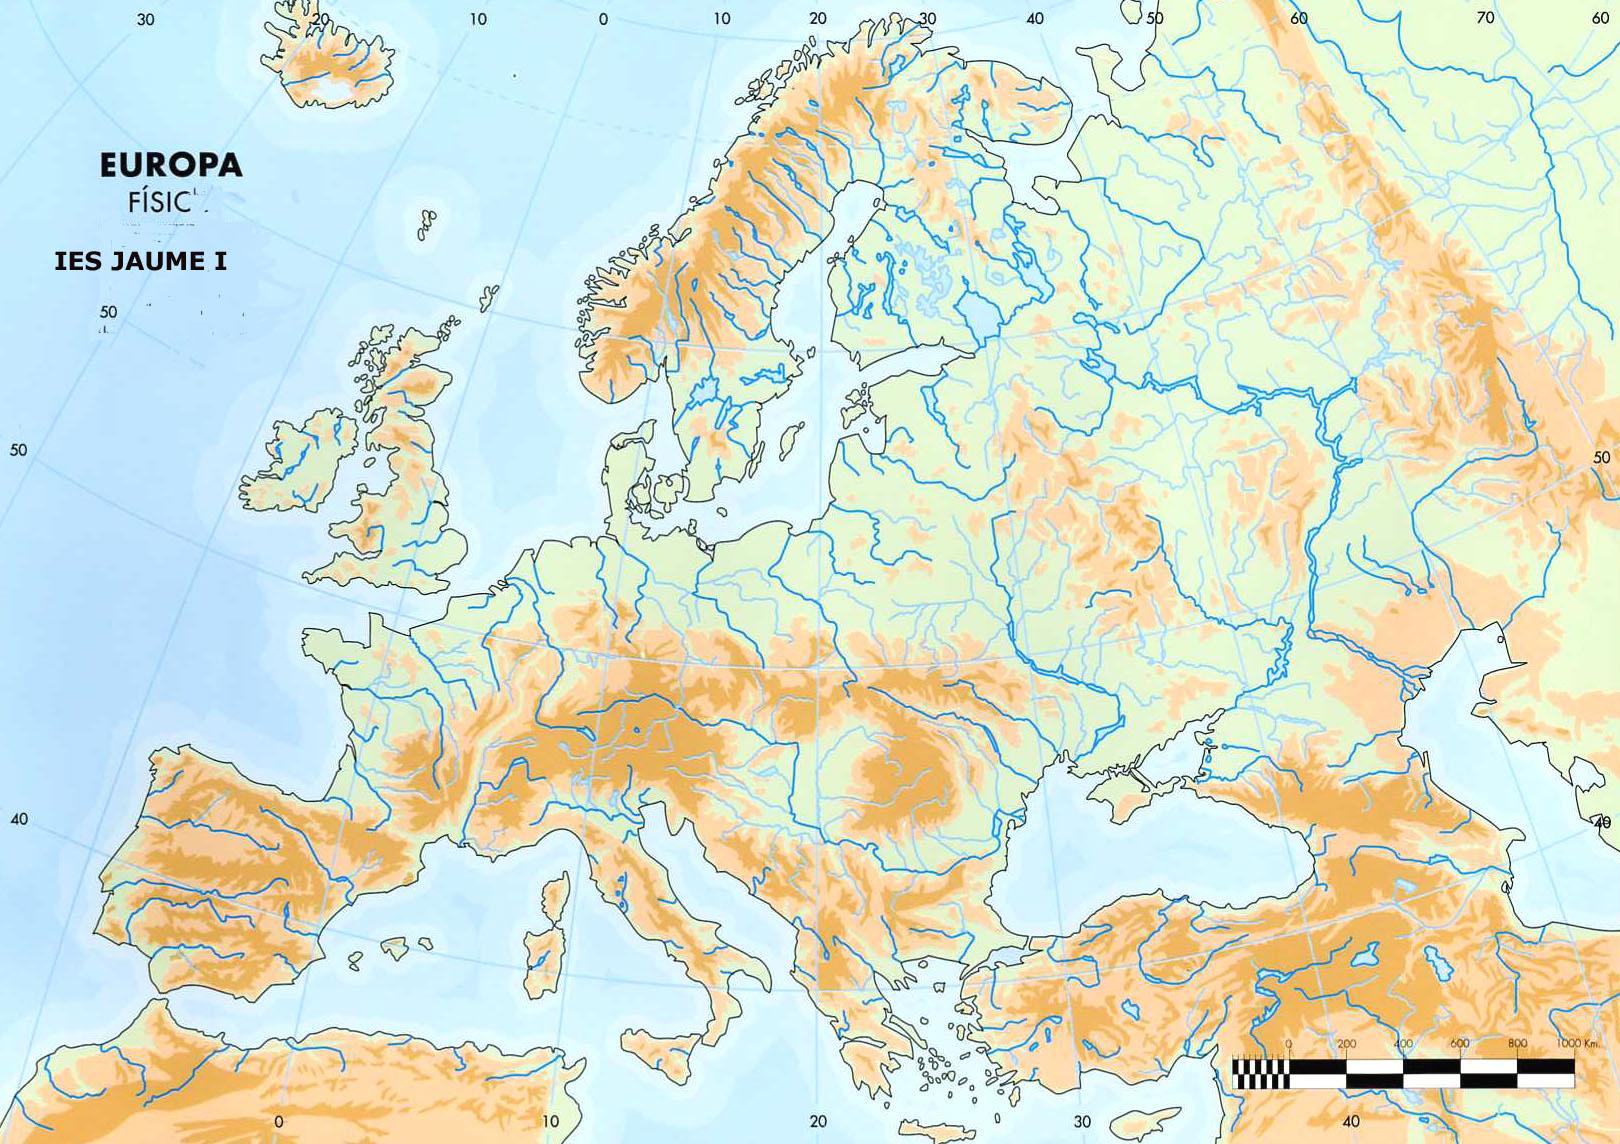 Mapa Mudo Fisico Europa Para Imprimir A4.Sitio Web De Ceip Maria Auxiliadora